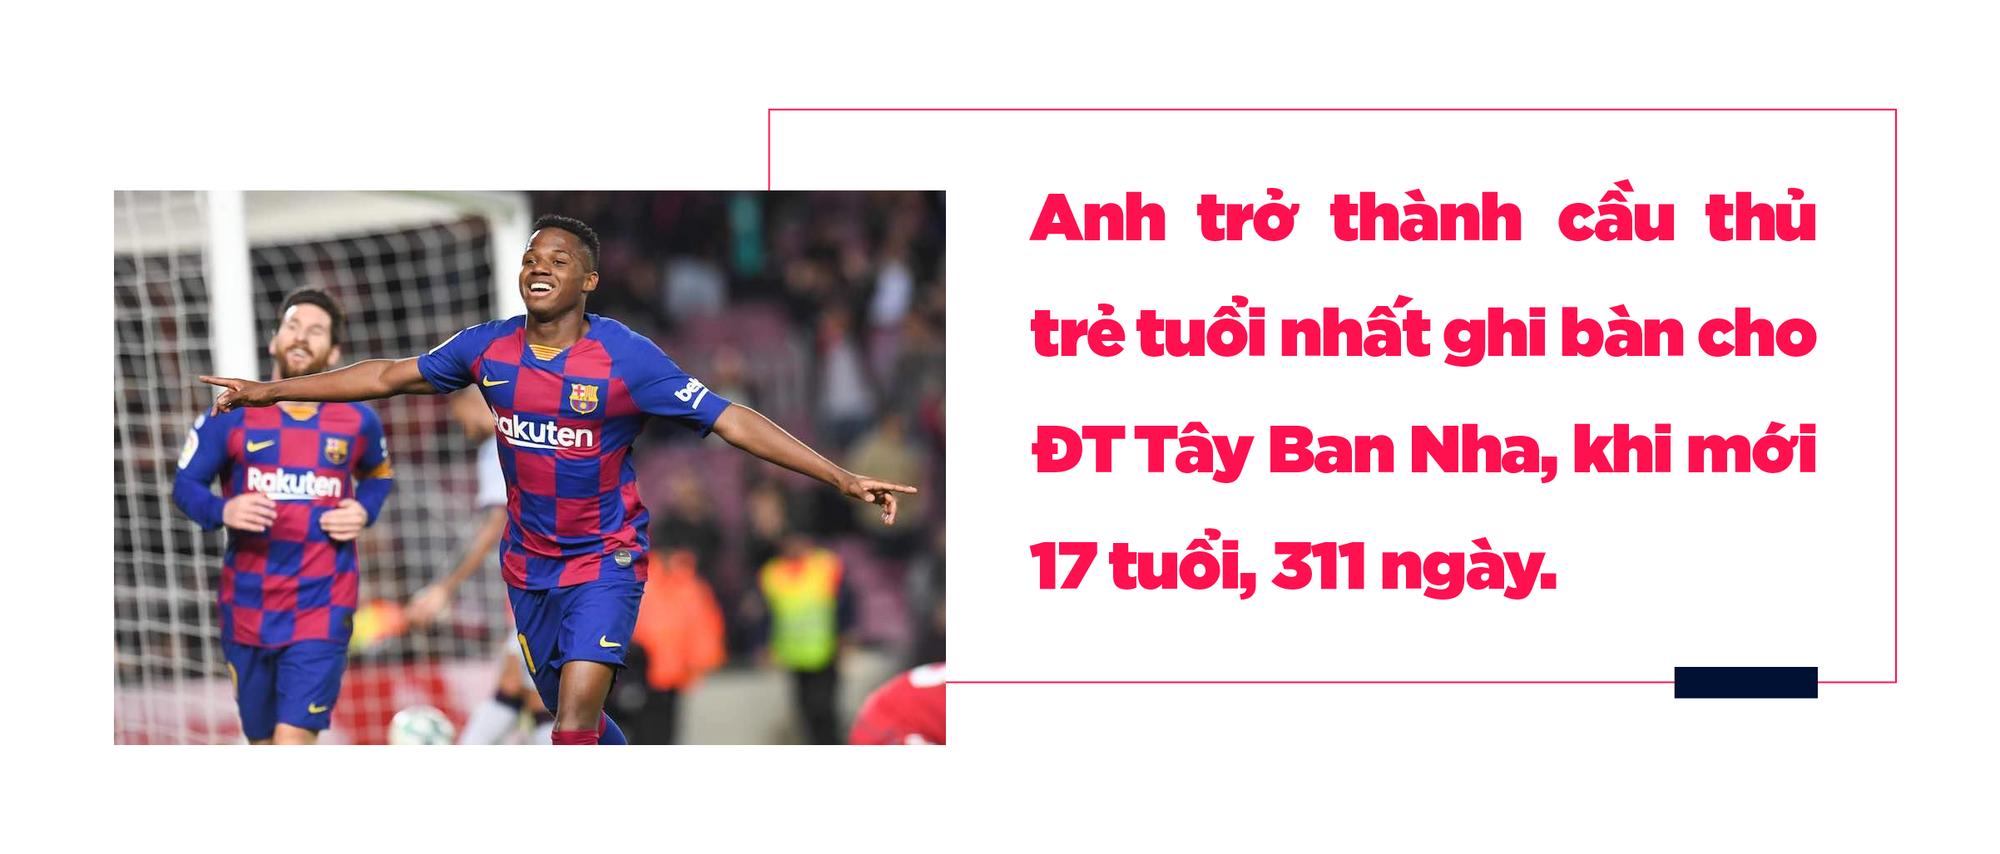 Ansu Fati: Từ giấc mơ Chapi đến ước vọng về một Messi đệ nhị của người Catalonia - Ảnh 8.